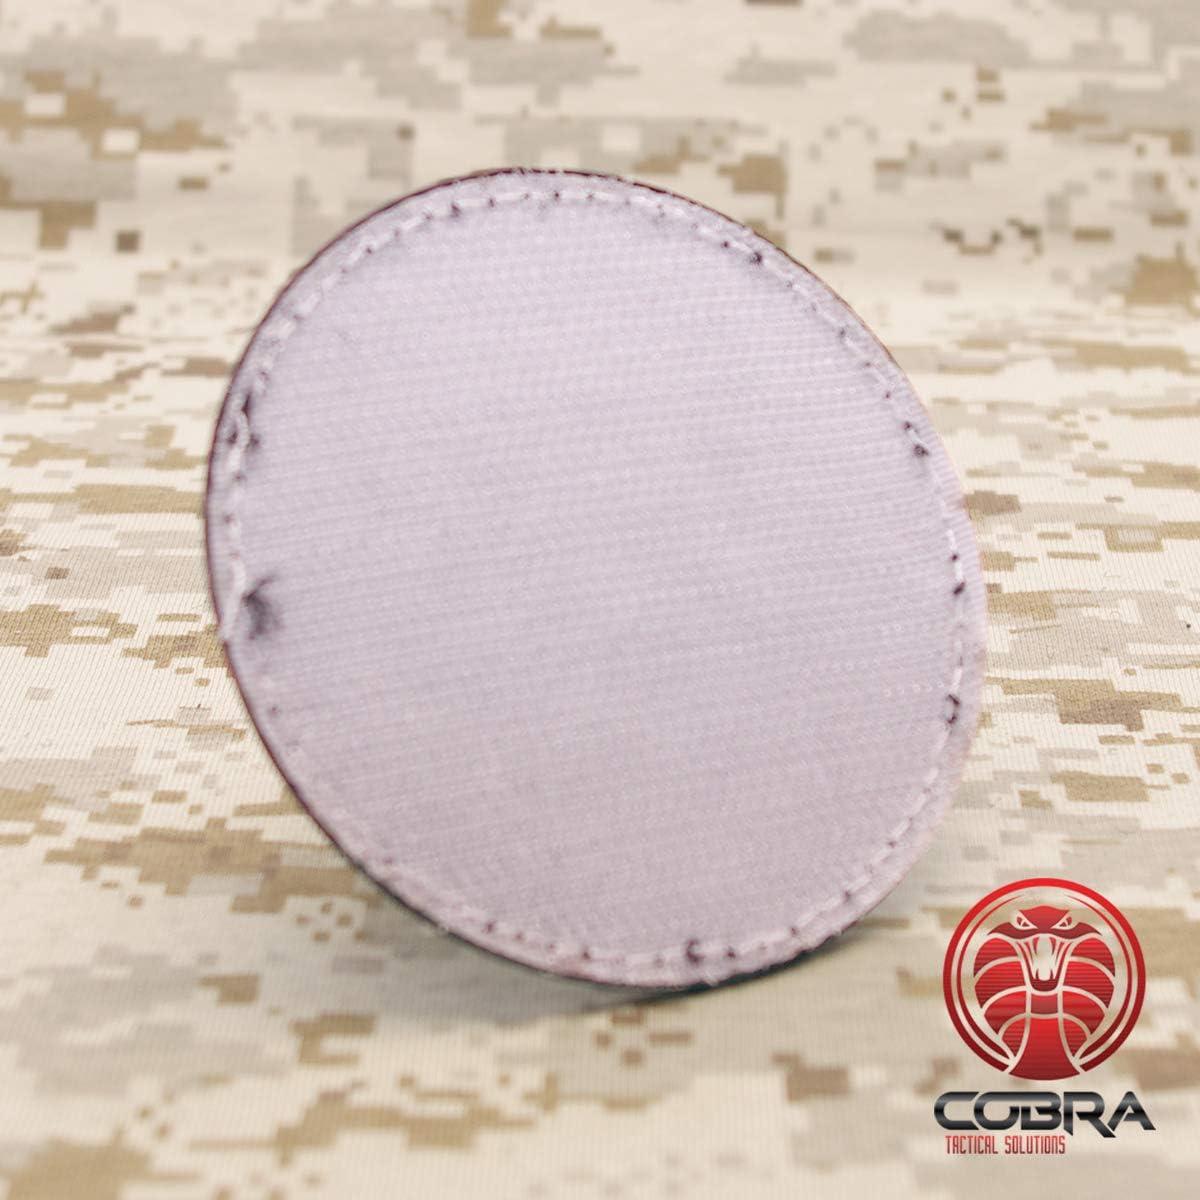 Cobra Tactical Solutions Military Patch en PVC Nations Unies//United Nations//UN PVC Patch avec Fermeture Velcro pour Airsoft//Paintball pour v/êtements Tactiques et Sac /à Dos